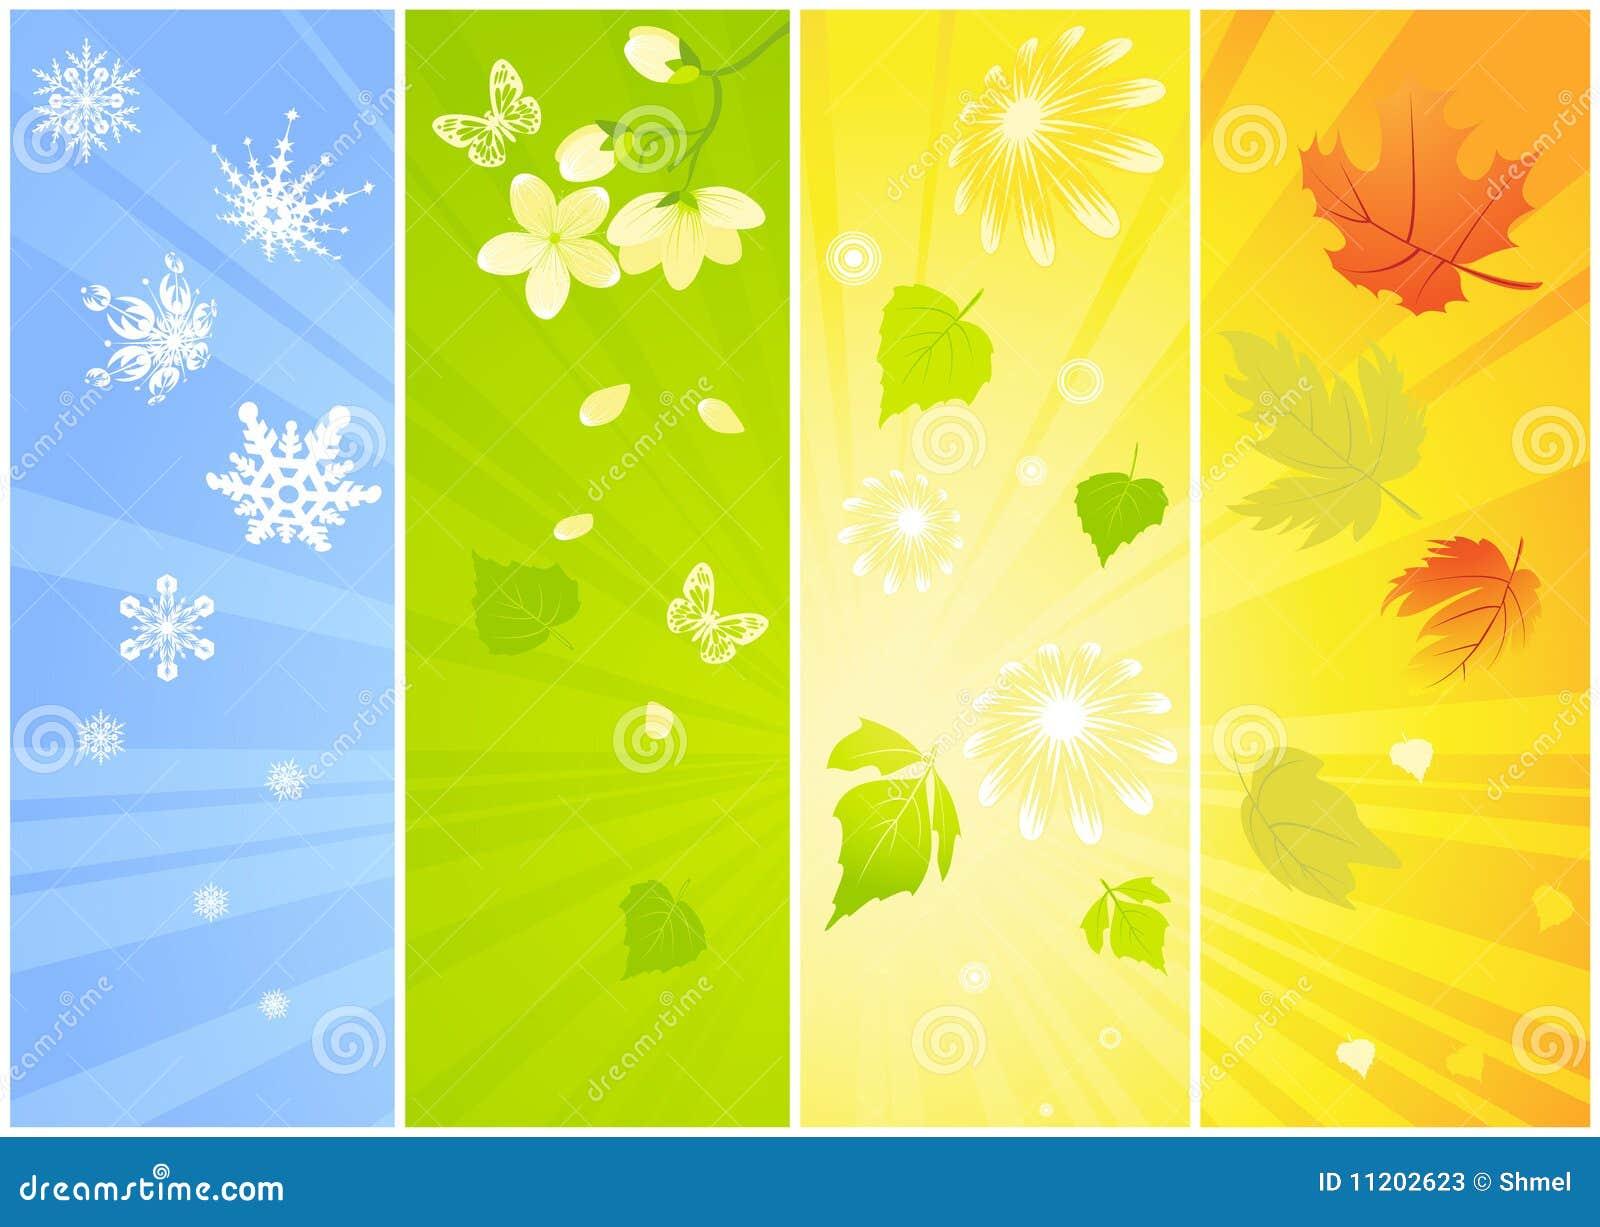 Vier Saisonhintergründe